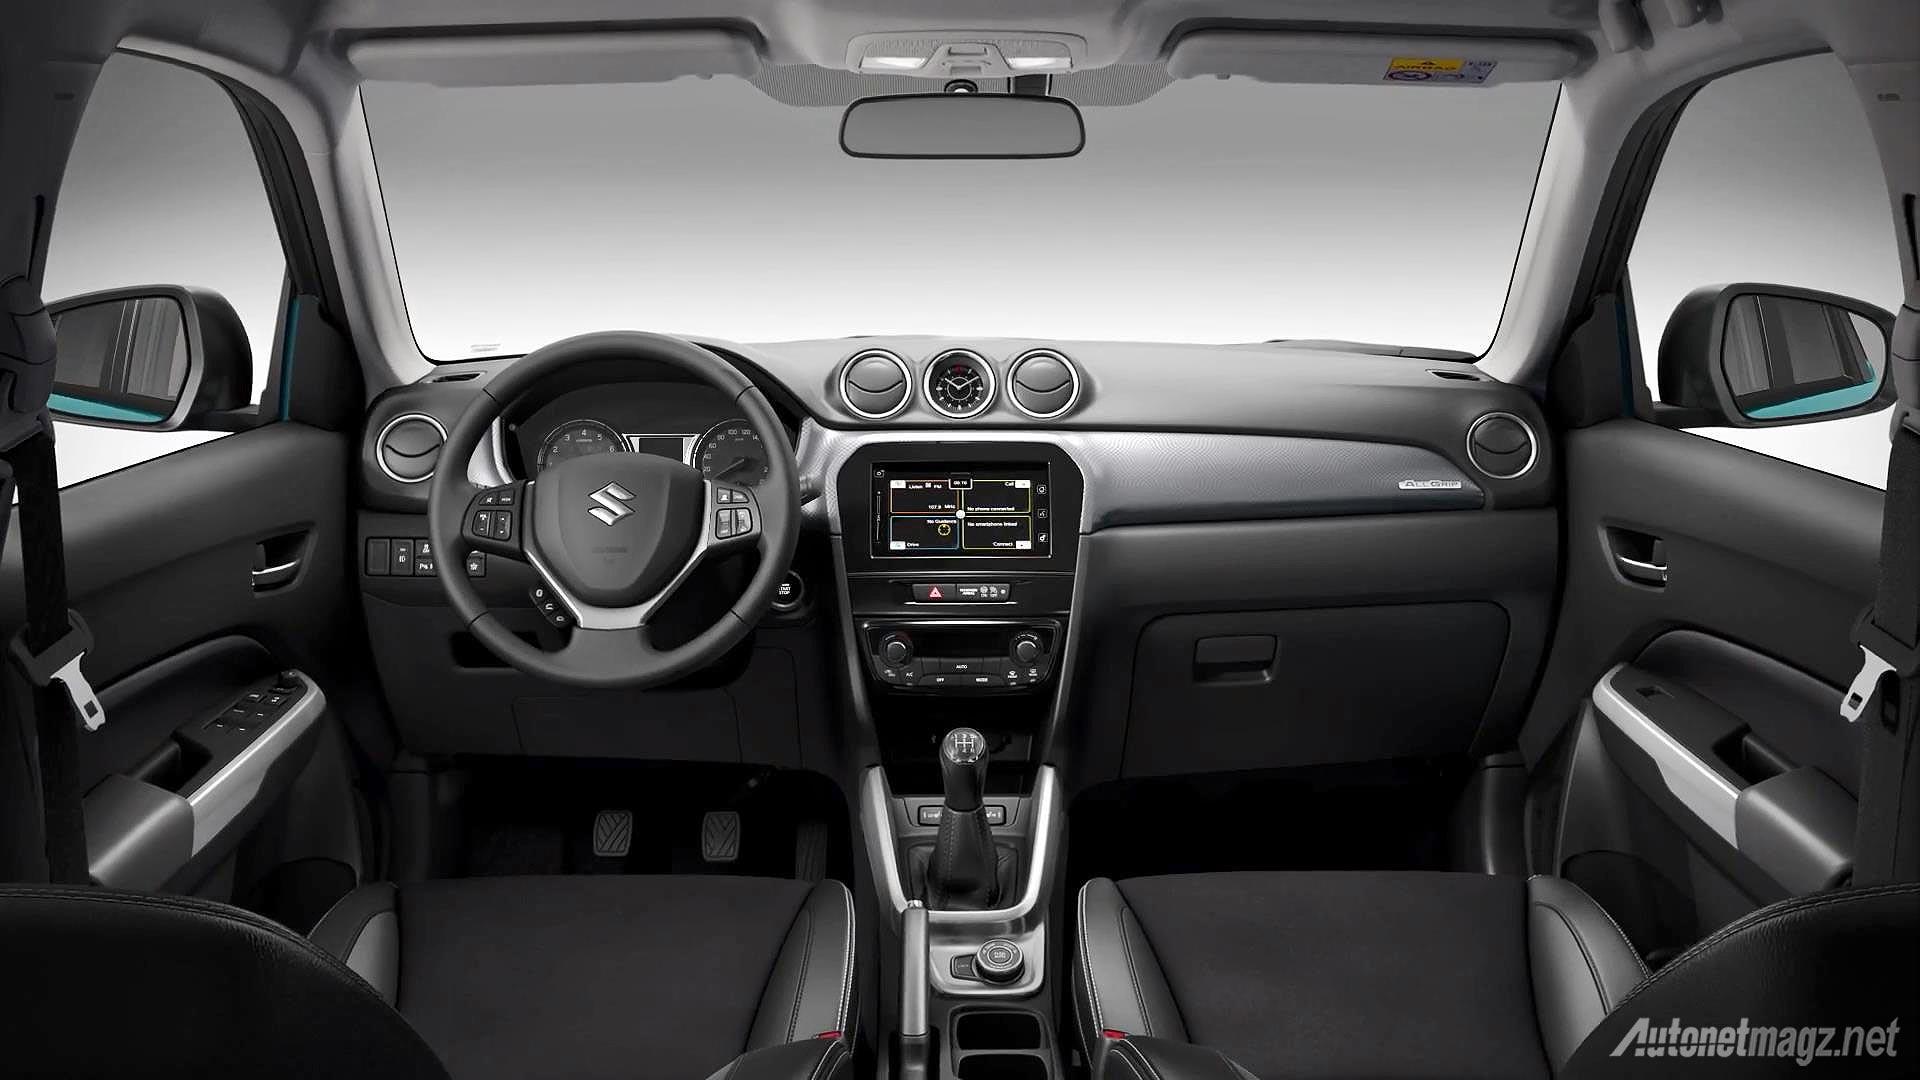 foto grand new veloz 2017 dashboard interior suzuki vitara 2015  autonetmagz